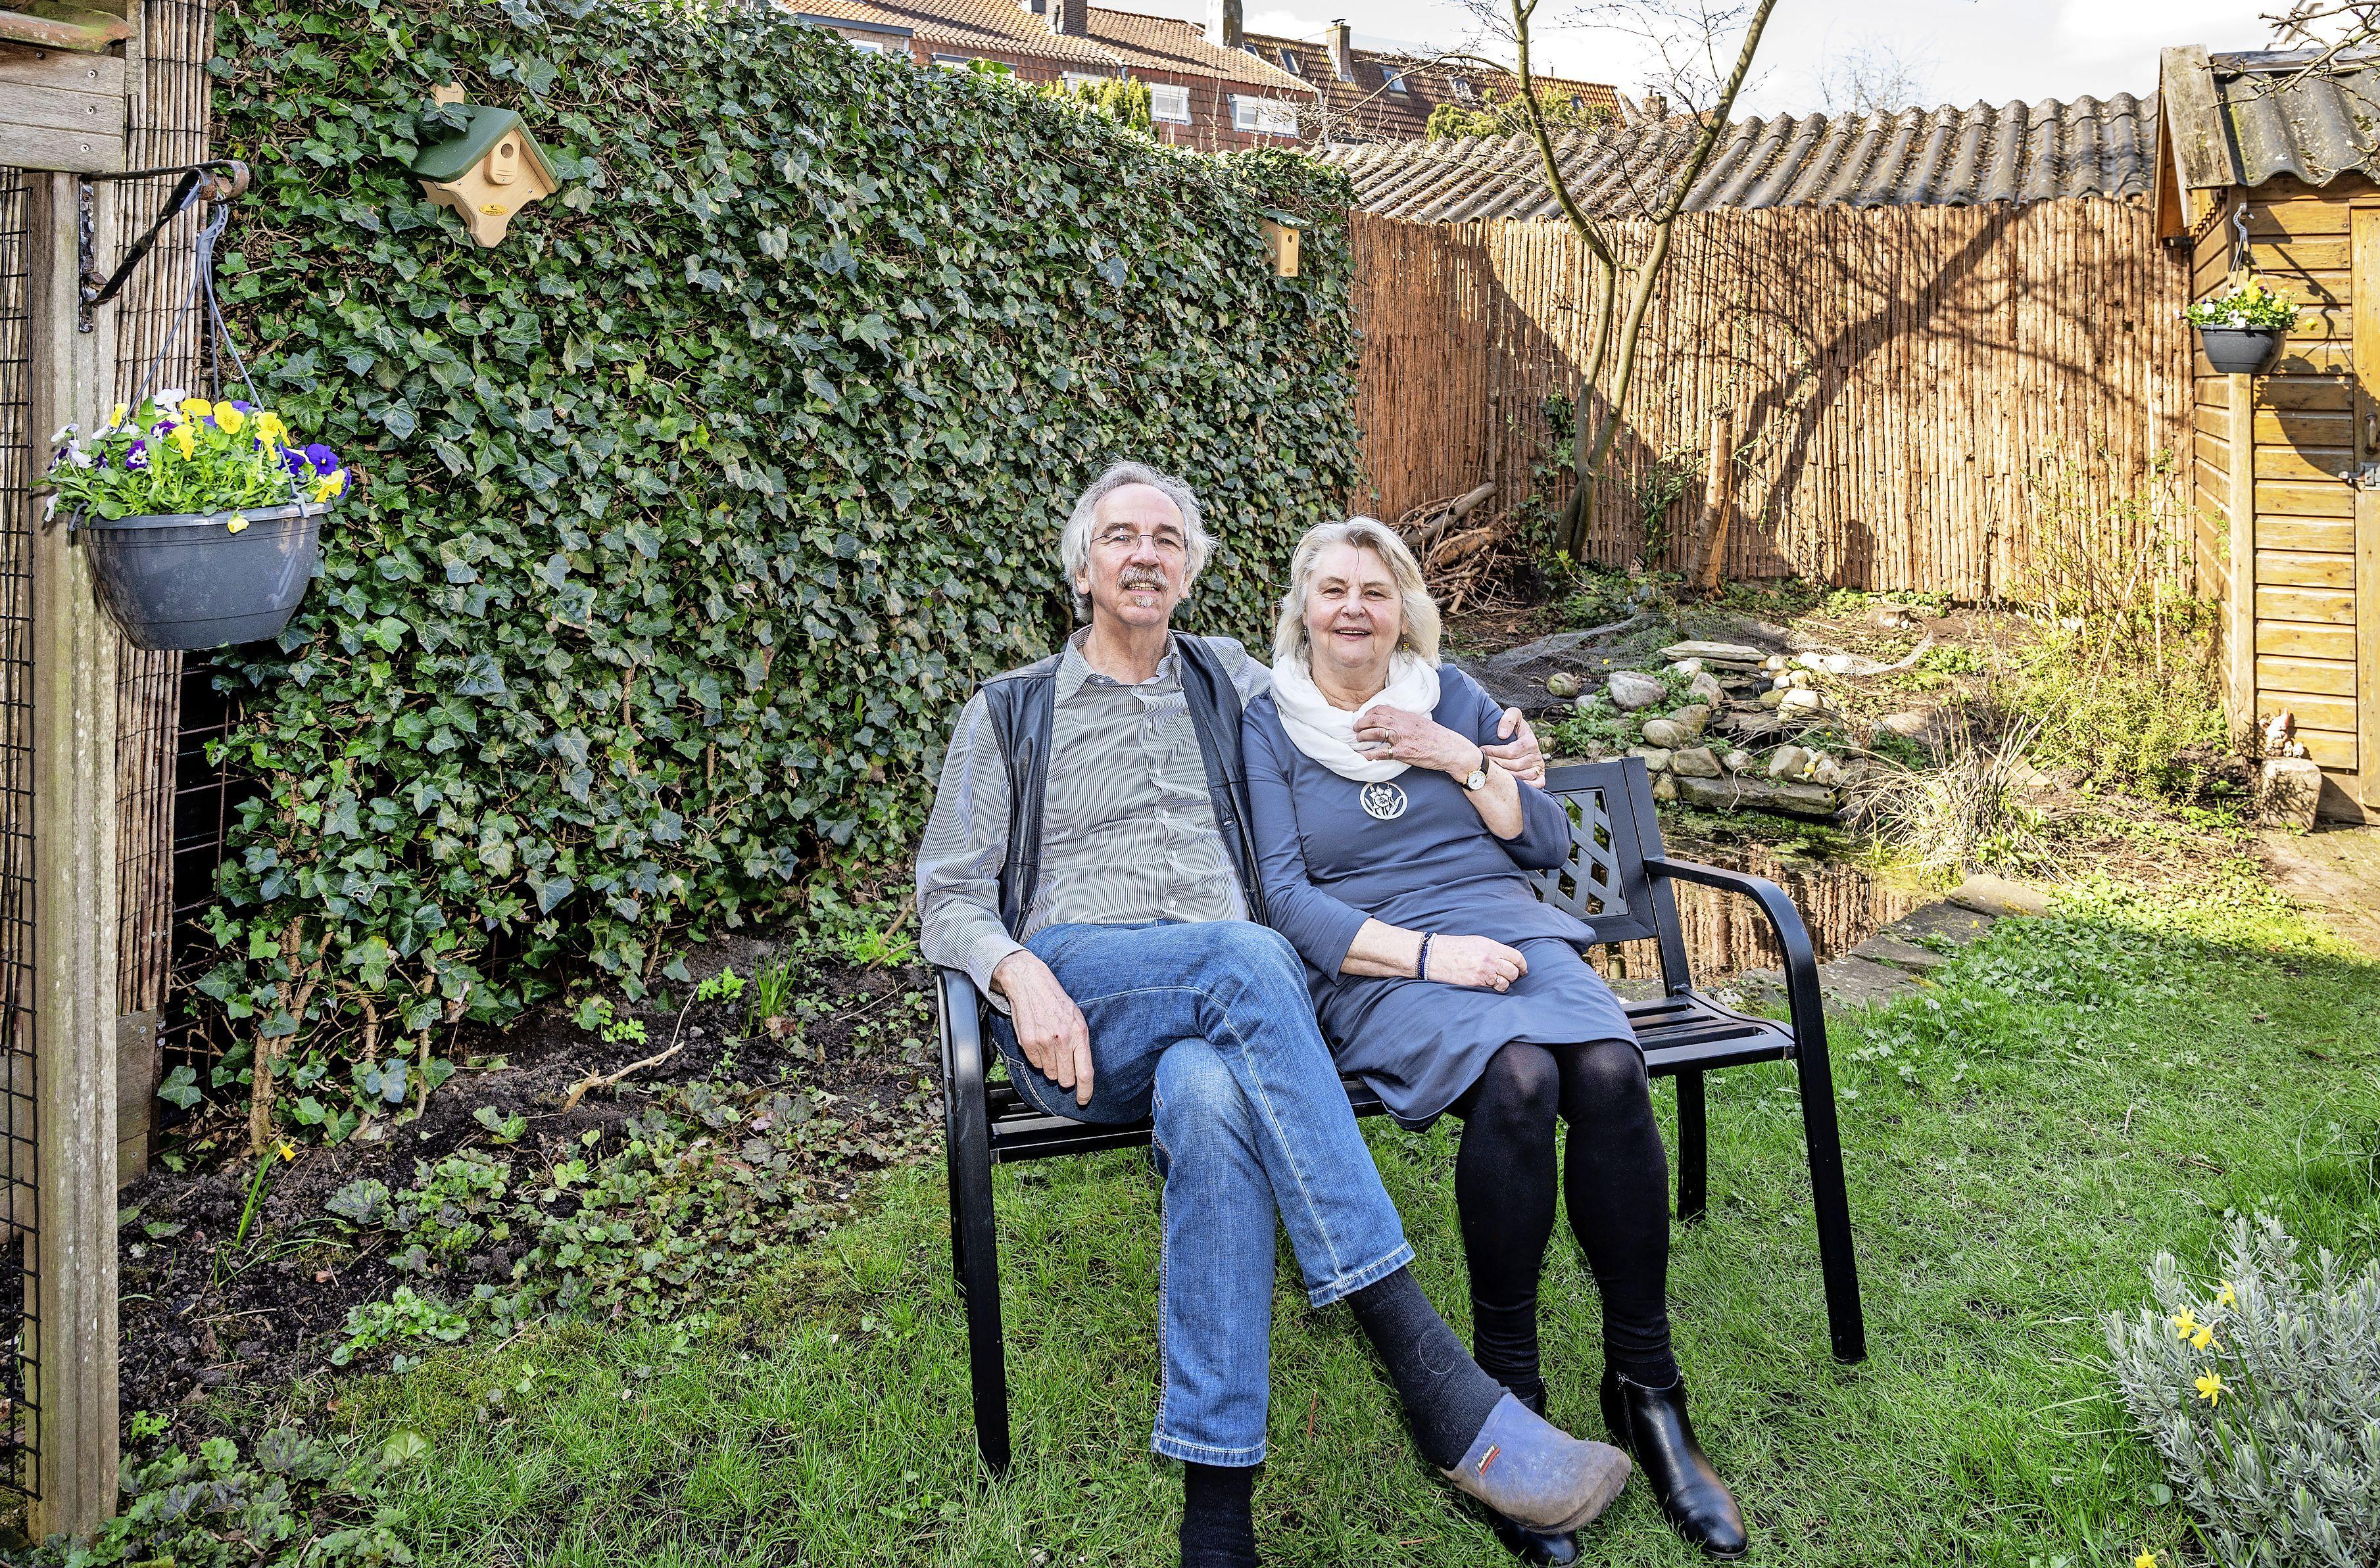 Haarlemse echtpaar strijdt voor de tuinvogels: 'Voer je kat vlees en vervang een tegel door een boompje'